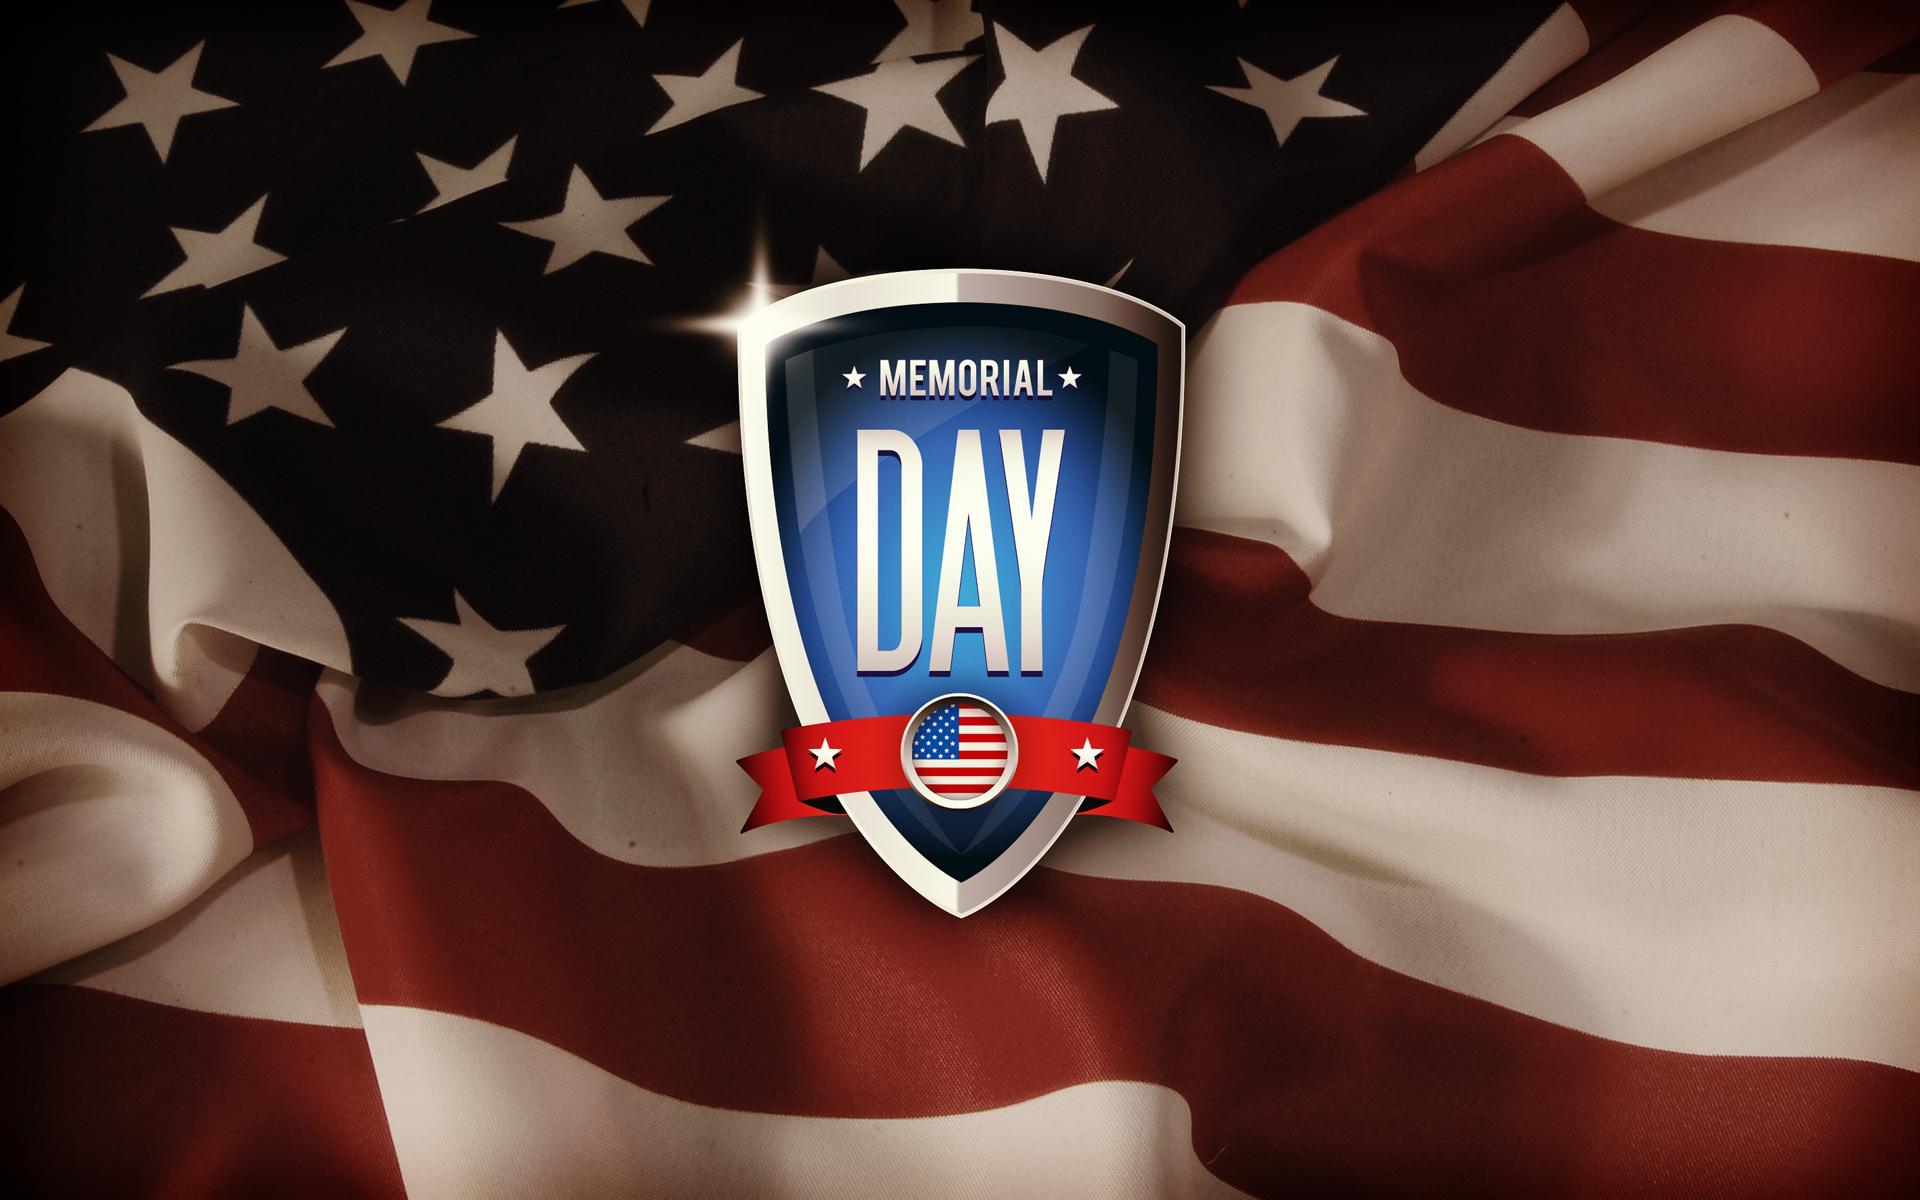 Memorial Day: Memorial Day